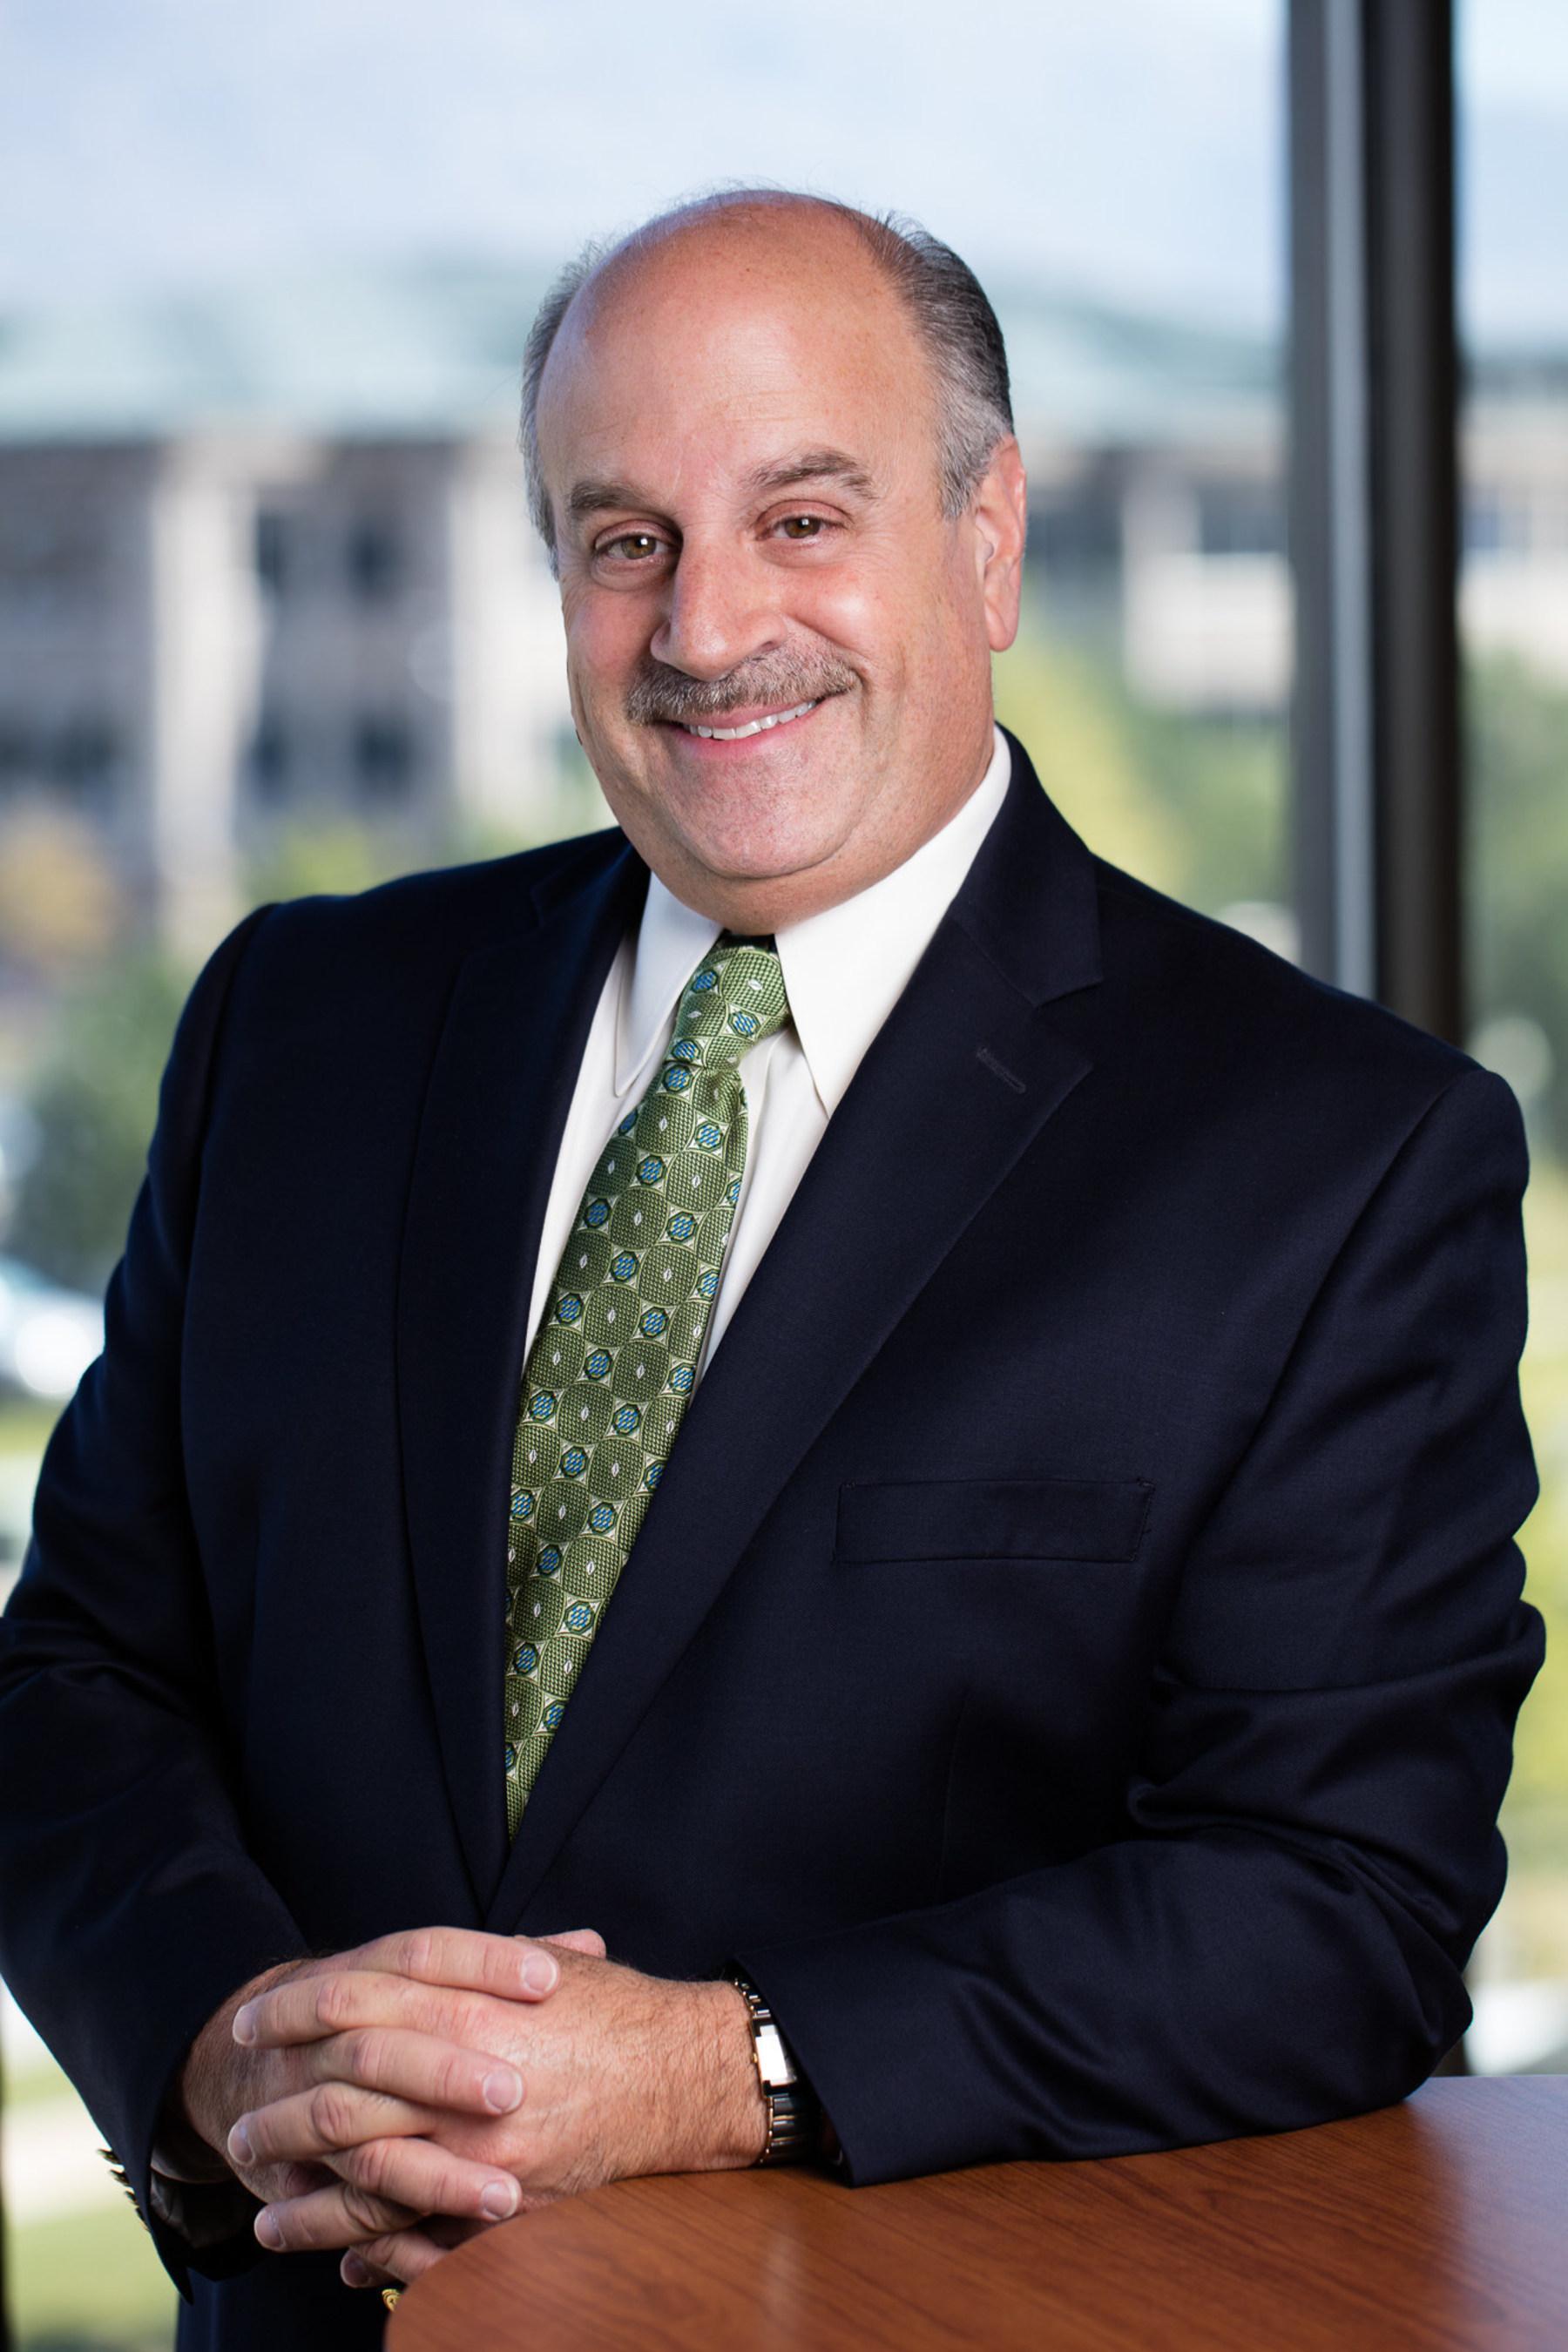 El Dr. Michael Buch fue elegido Director General Cientifico de Young Living Essential Oils